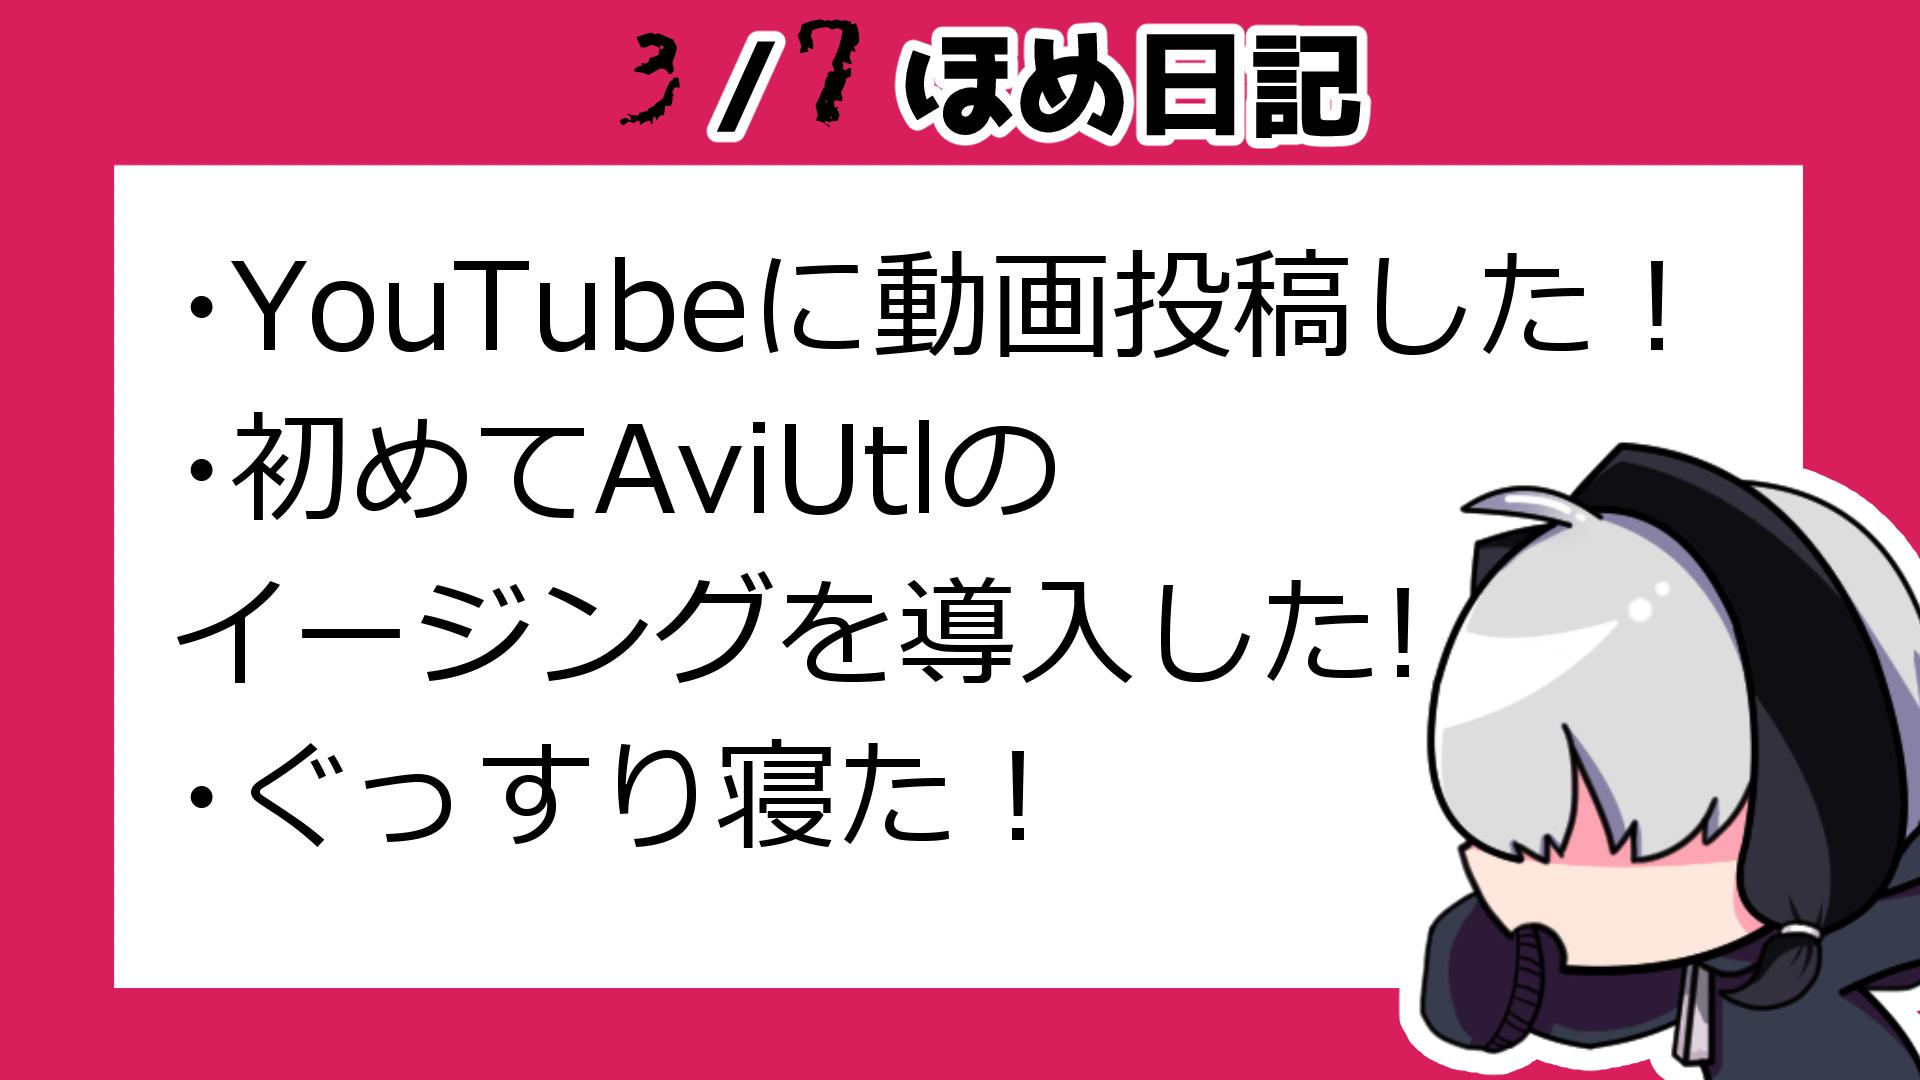 3月7日ほめ日記.png